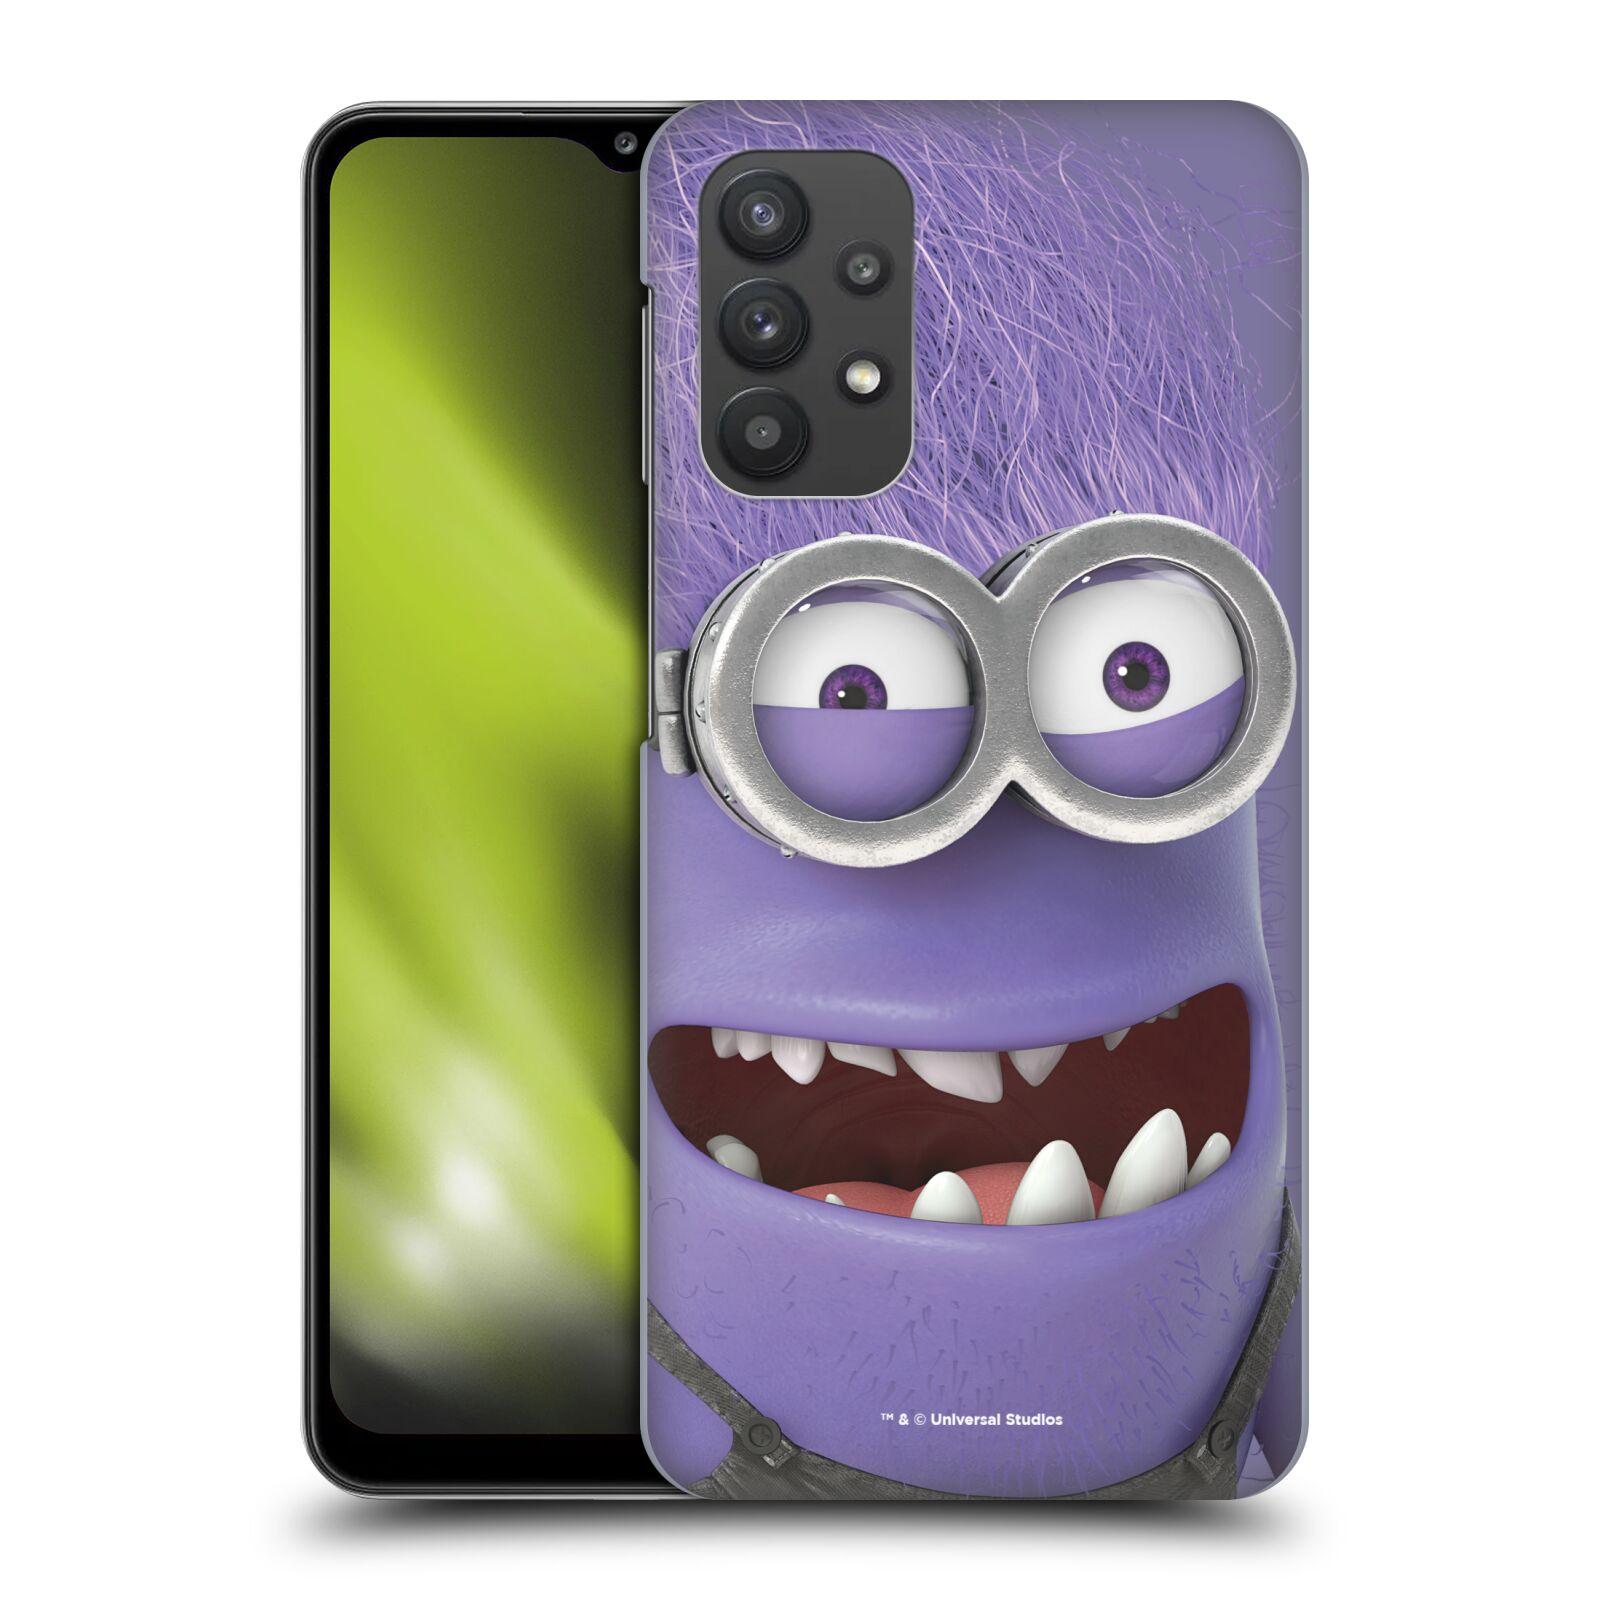 Plastové pouzdro na mobil Samsung Galaxy A32 5G - Head Case - Zlý Mimoň z filmu Já, padouch - Despicable Me